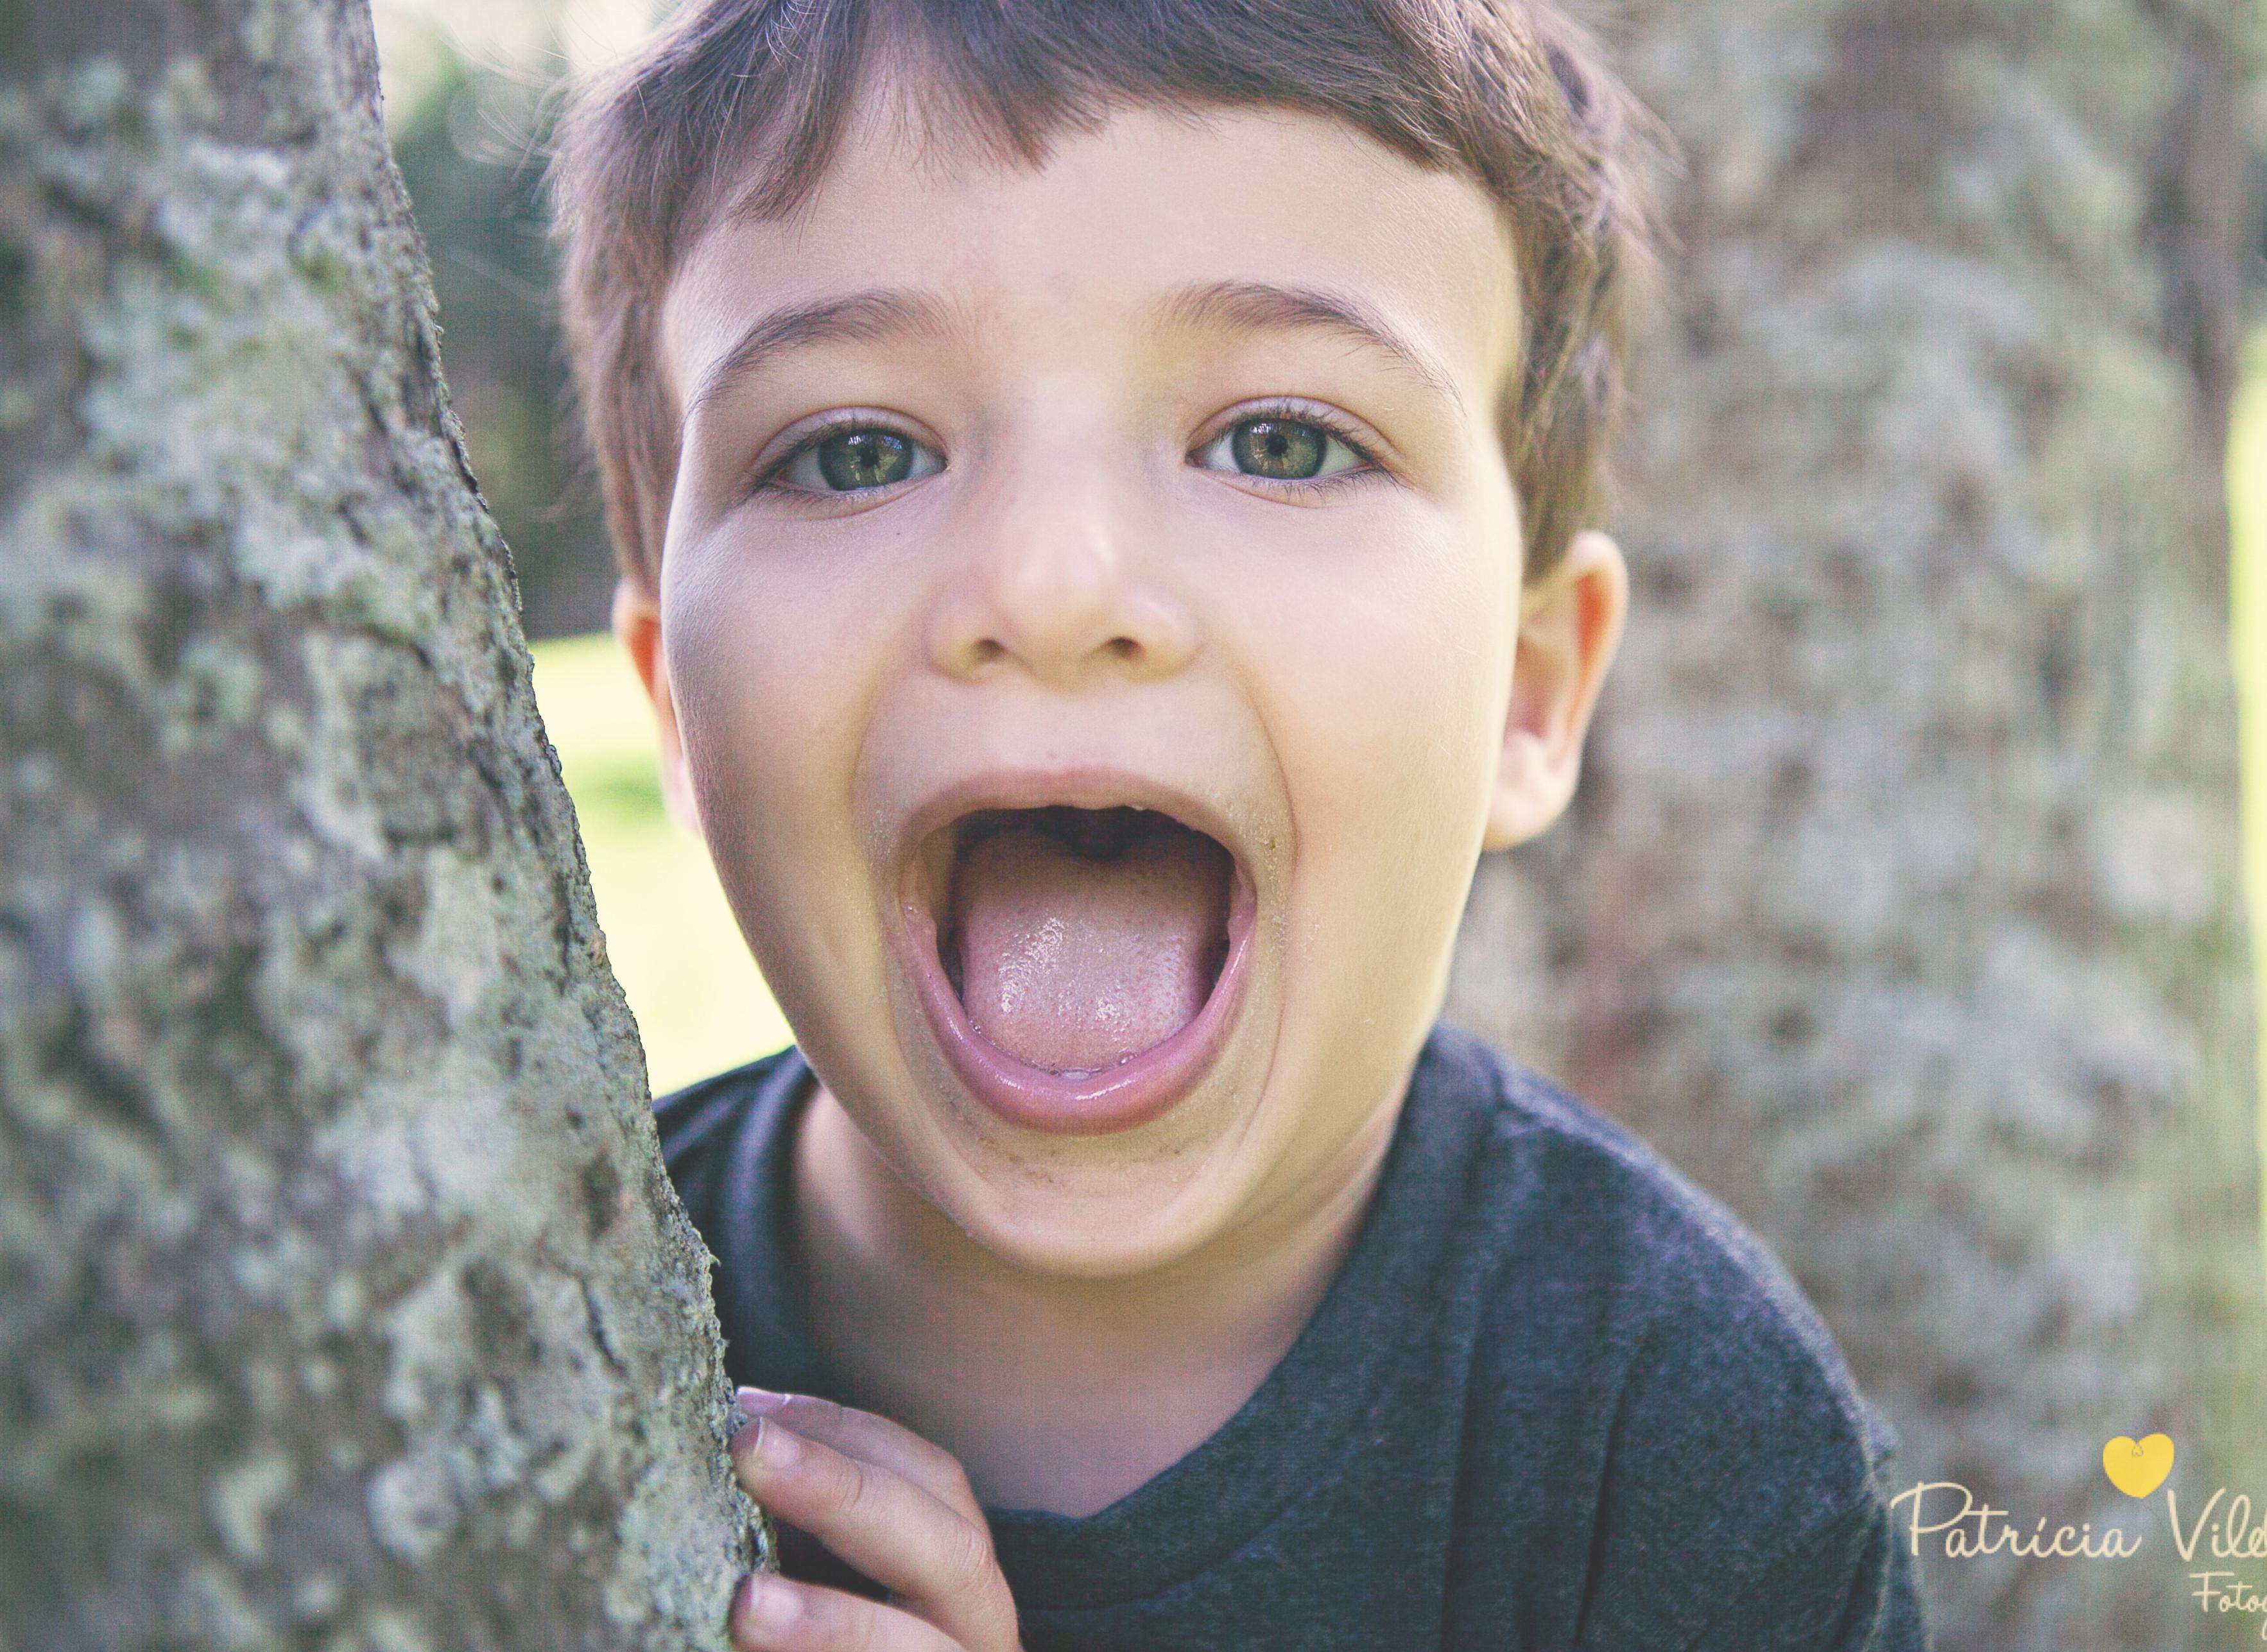 perda de audição na infância